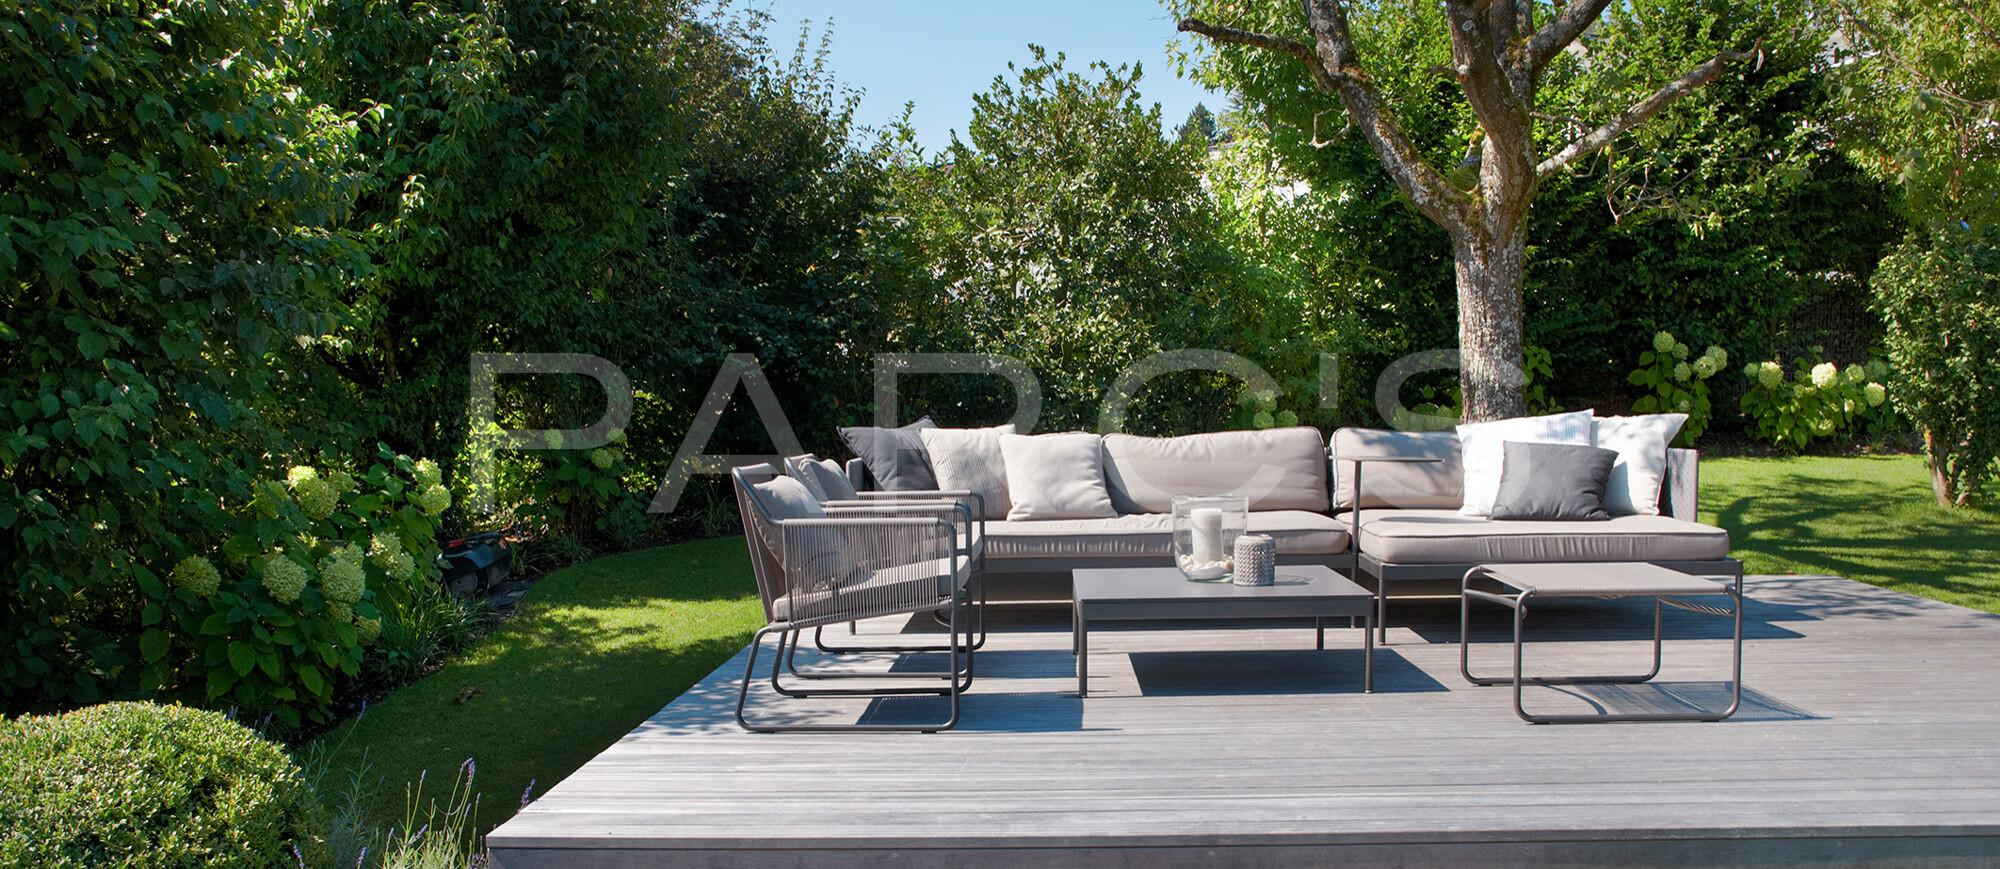 Full Size of Terrassen Lounge Ausstattungskonzept Garten Gartengestaltung Sessel Loungemöbel Sofa Holz Set Möbel Günstig Wohnzimmer Terrassen Lounge